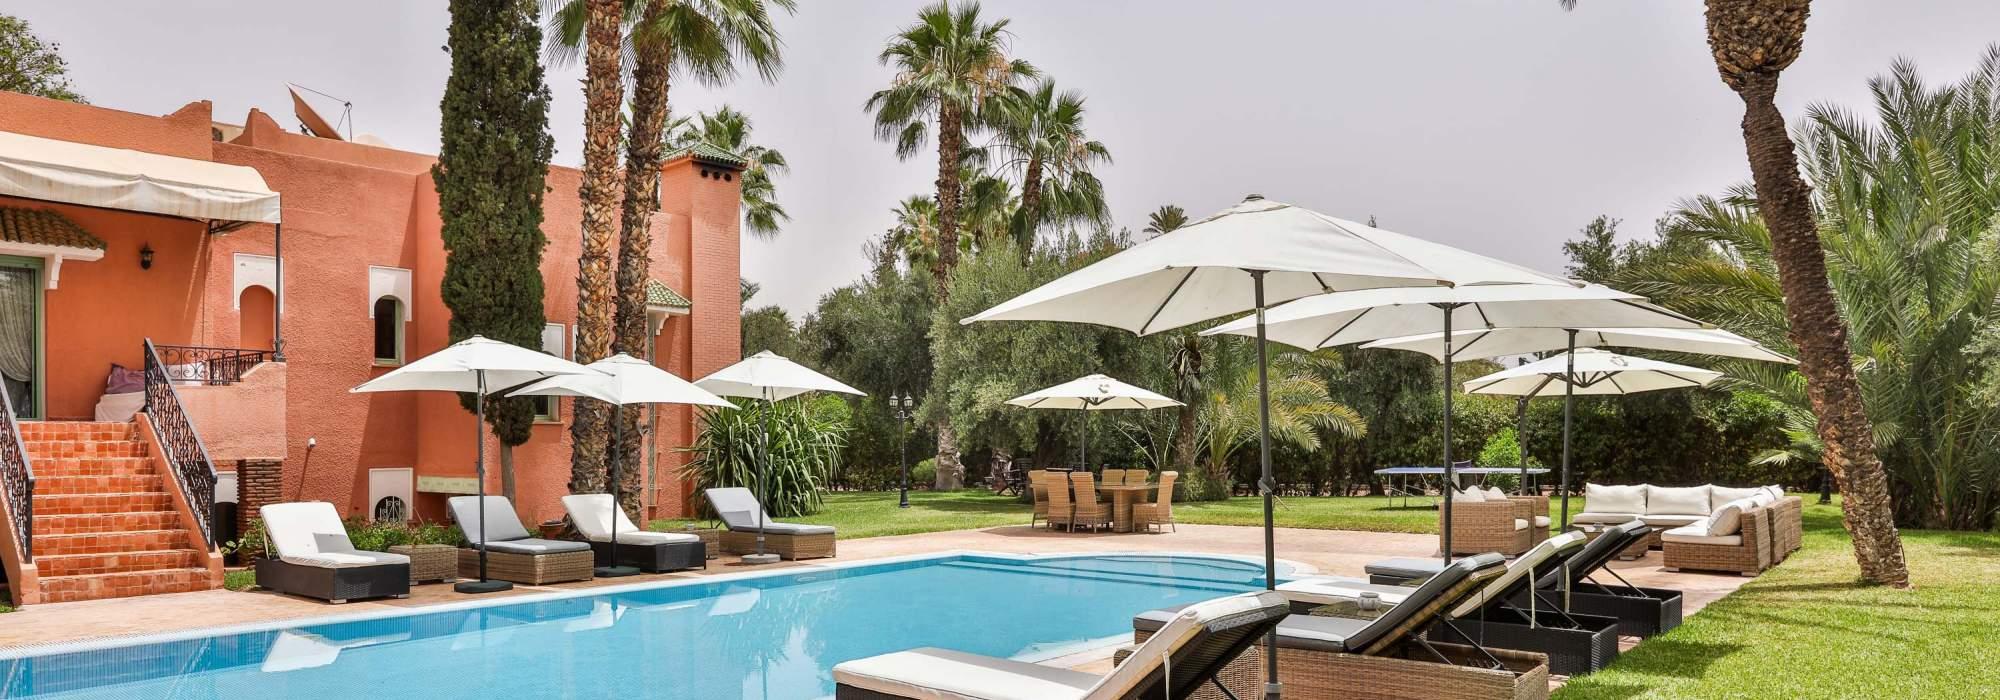 vente villa  marocaine  circuit palmeraie marrakech